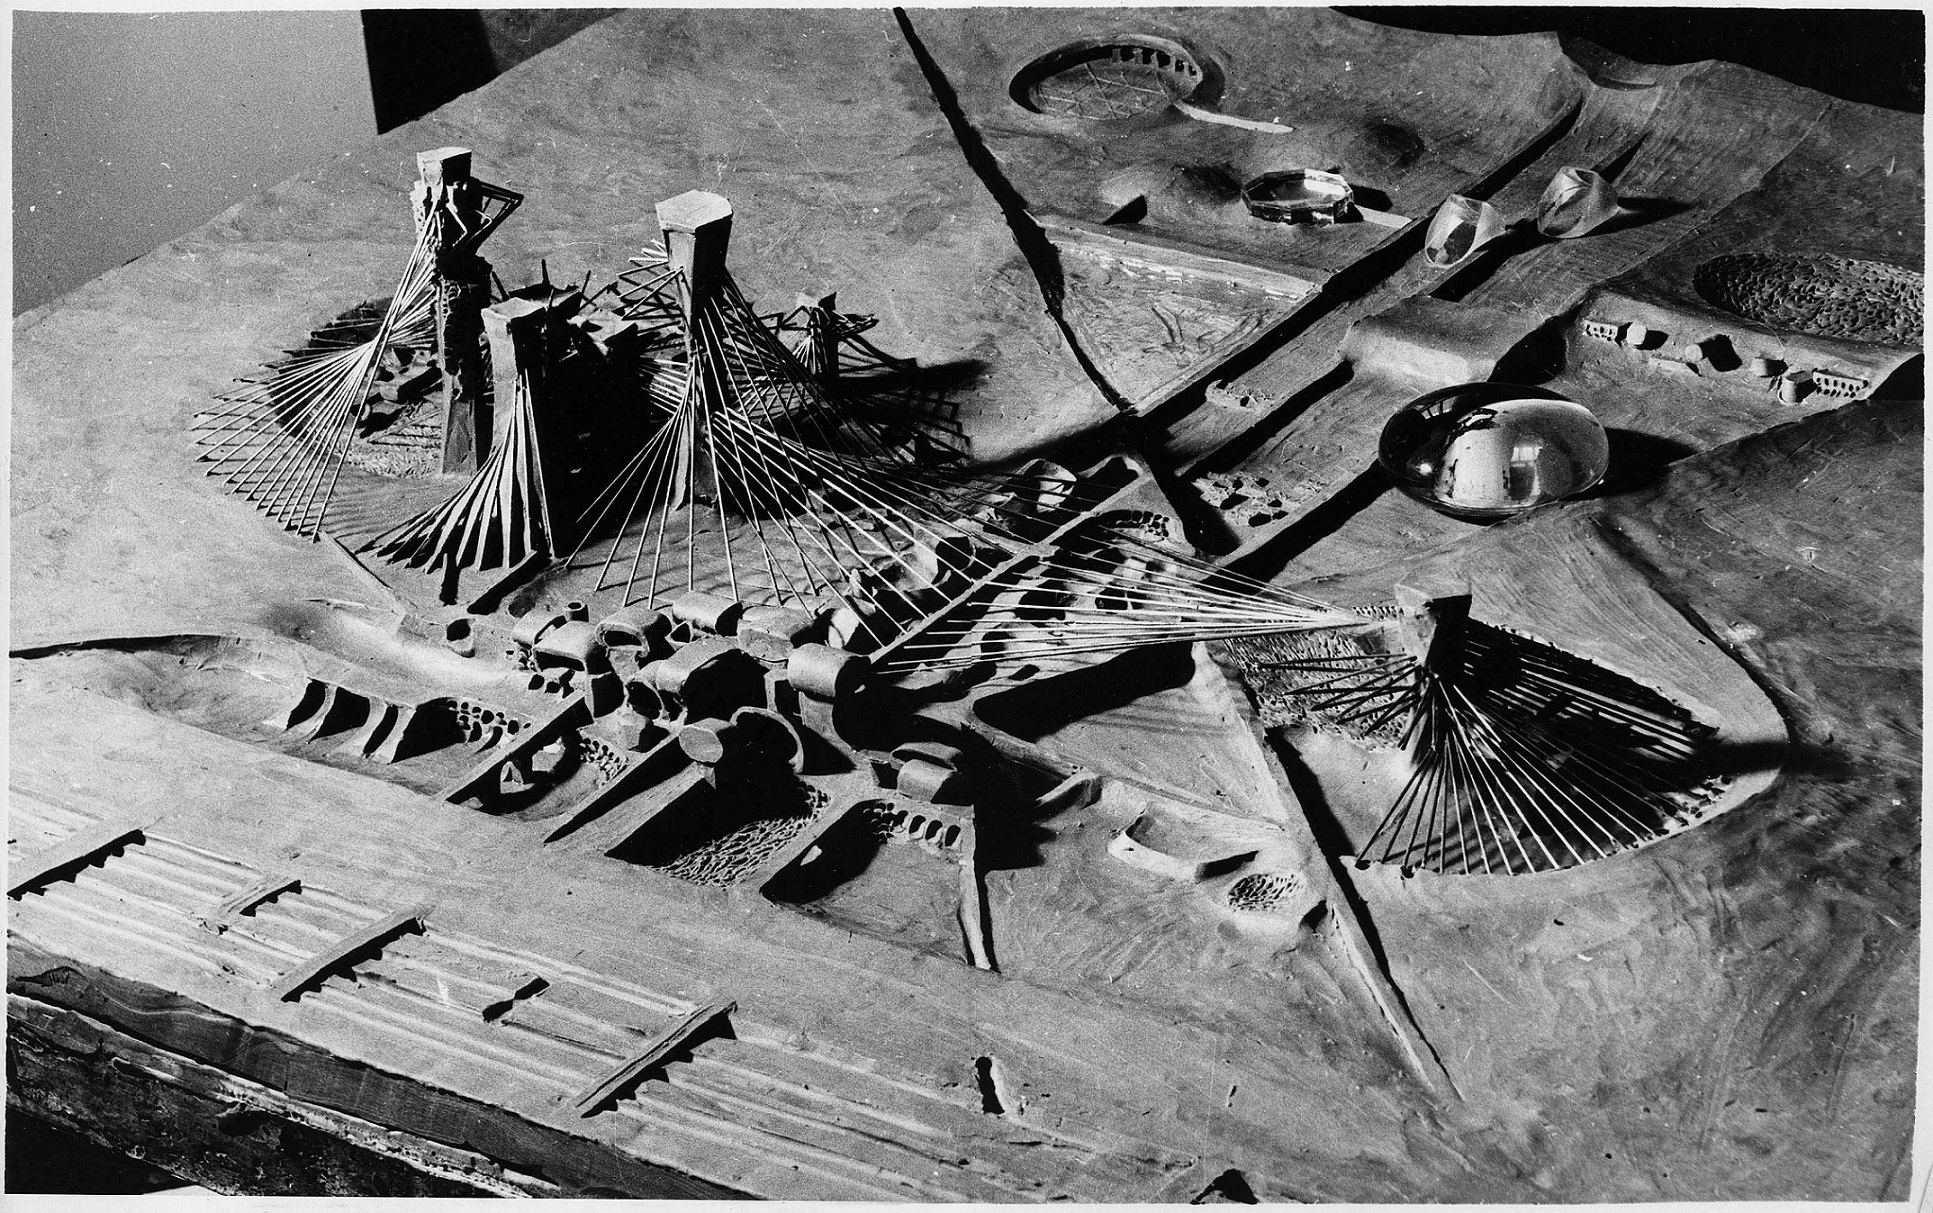 [Рис. 4.] Научный комплекс. Проект НЭР на 14-й Триеннале, Милан. 1968. Макет   На переднем плане — исследовательские институты, комплексы временного активного расселения (КВАР), далее — лаборатории и экспериментальные площадки